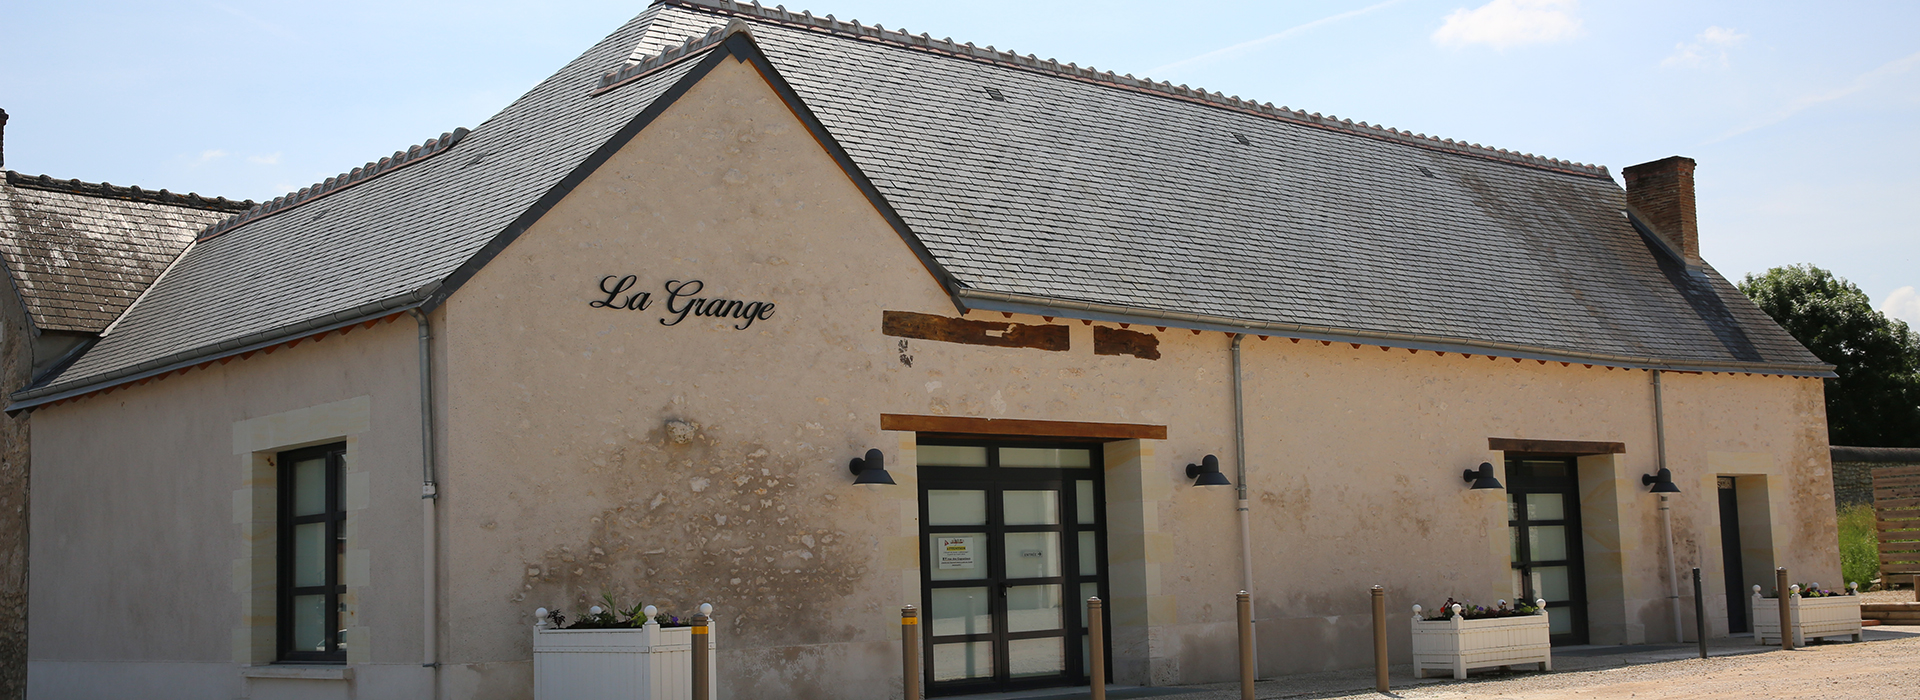 La Grange location de salle La Chaussée Saint-Victor